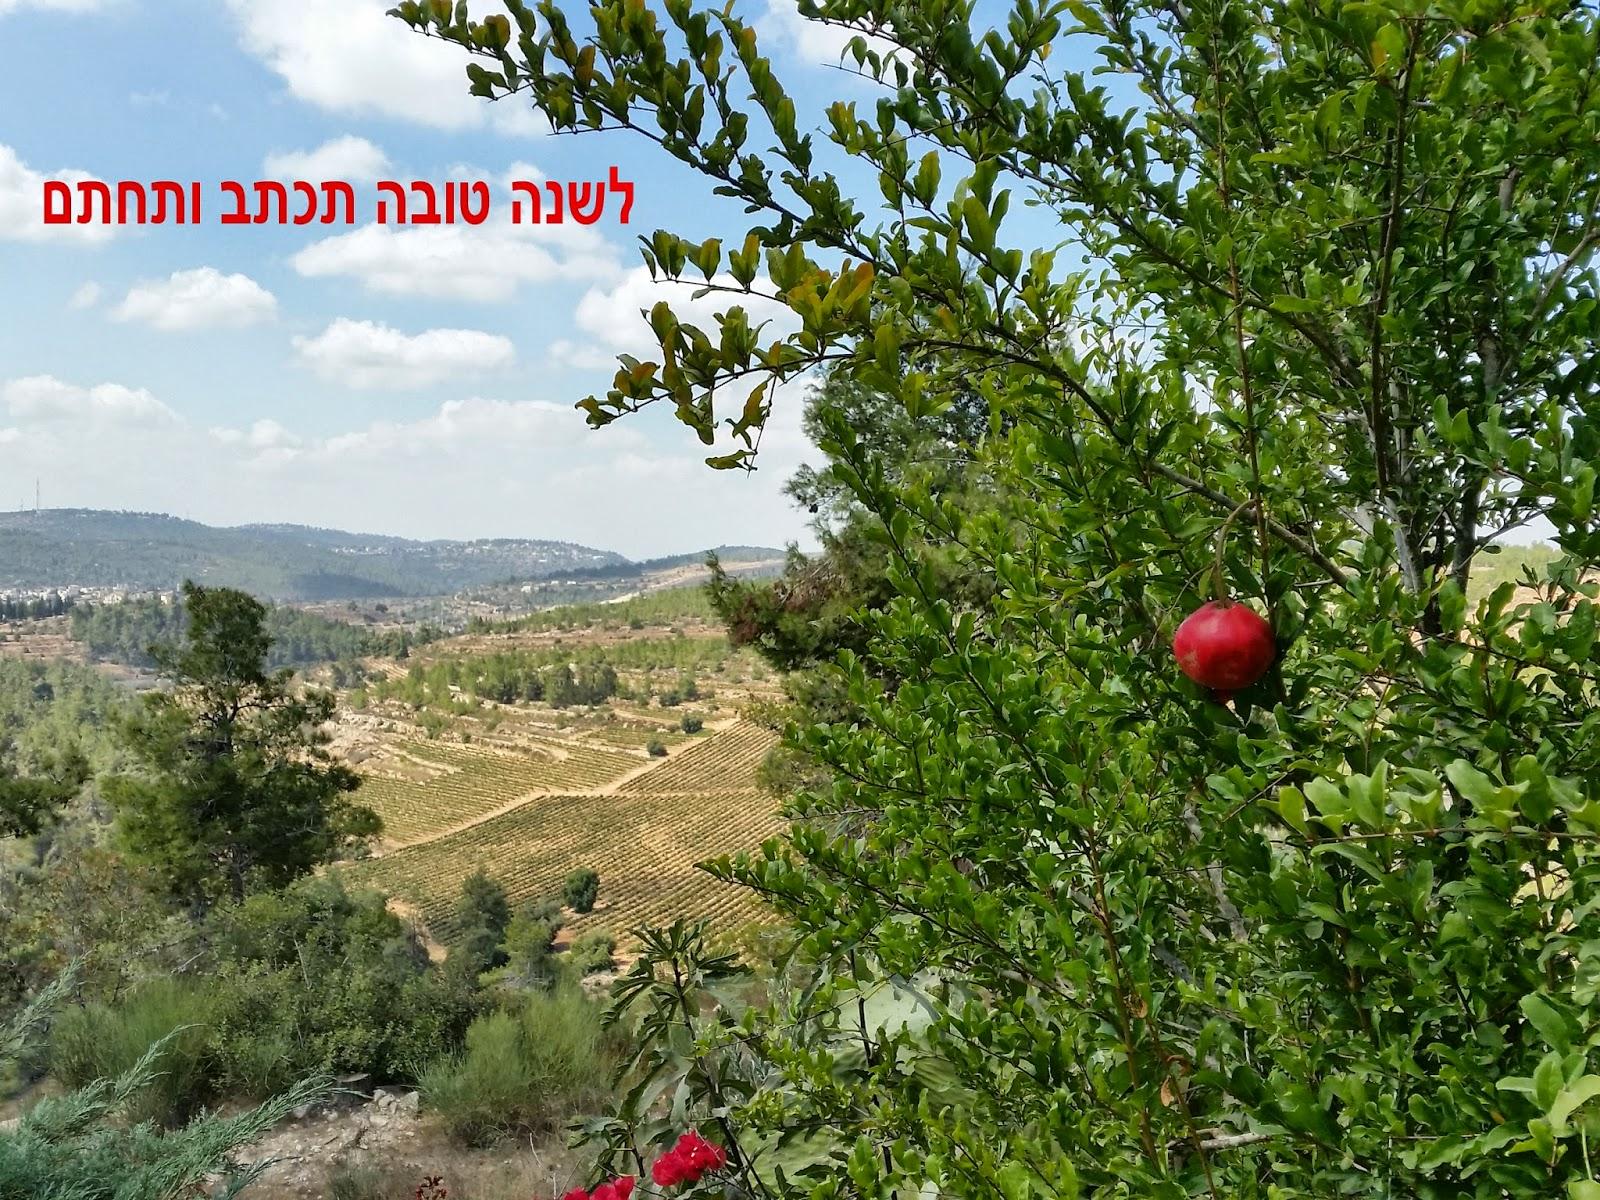 Israel Vision Tv Shana Tovarosh Hashanah 5775